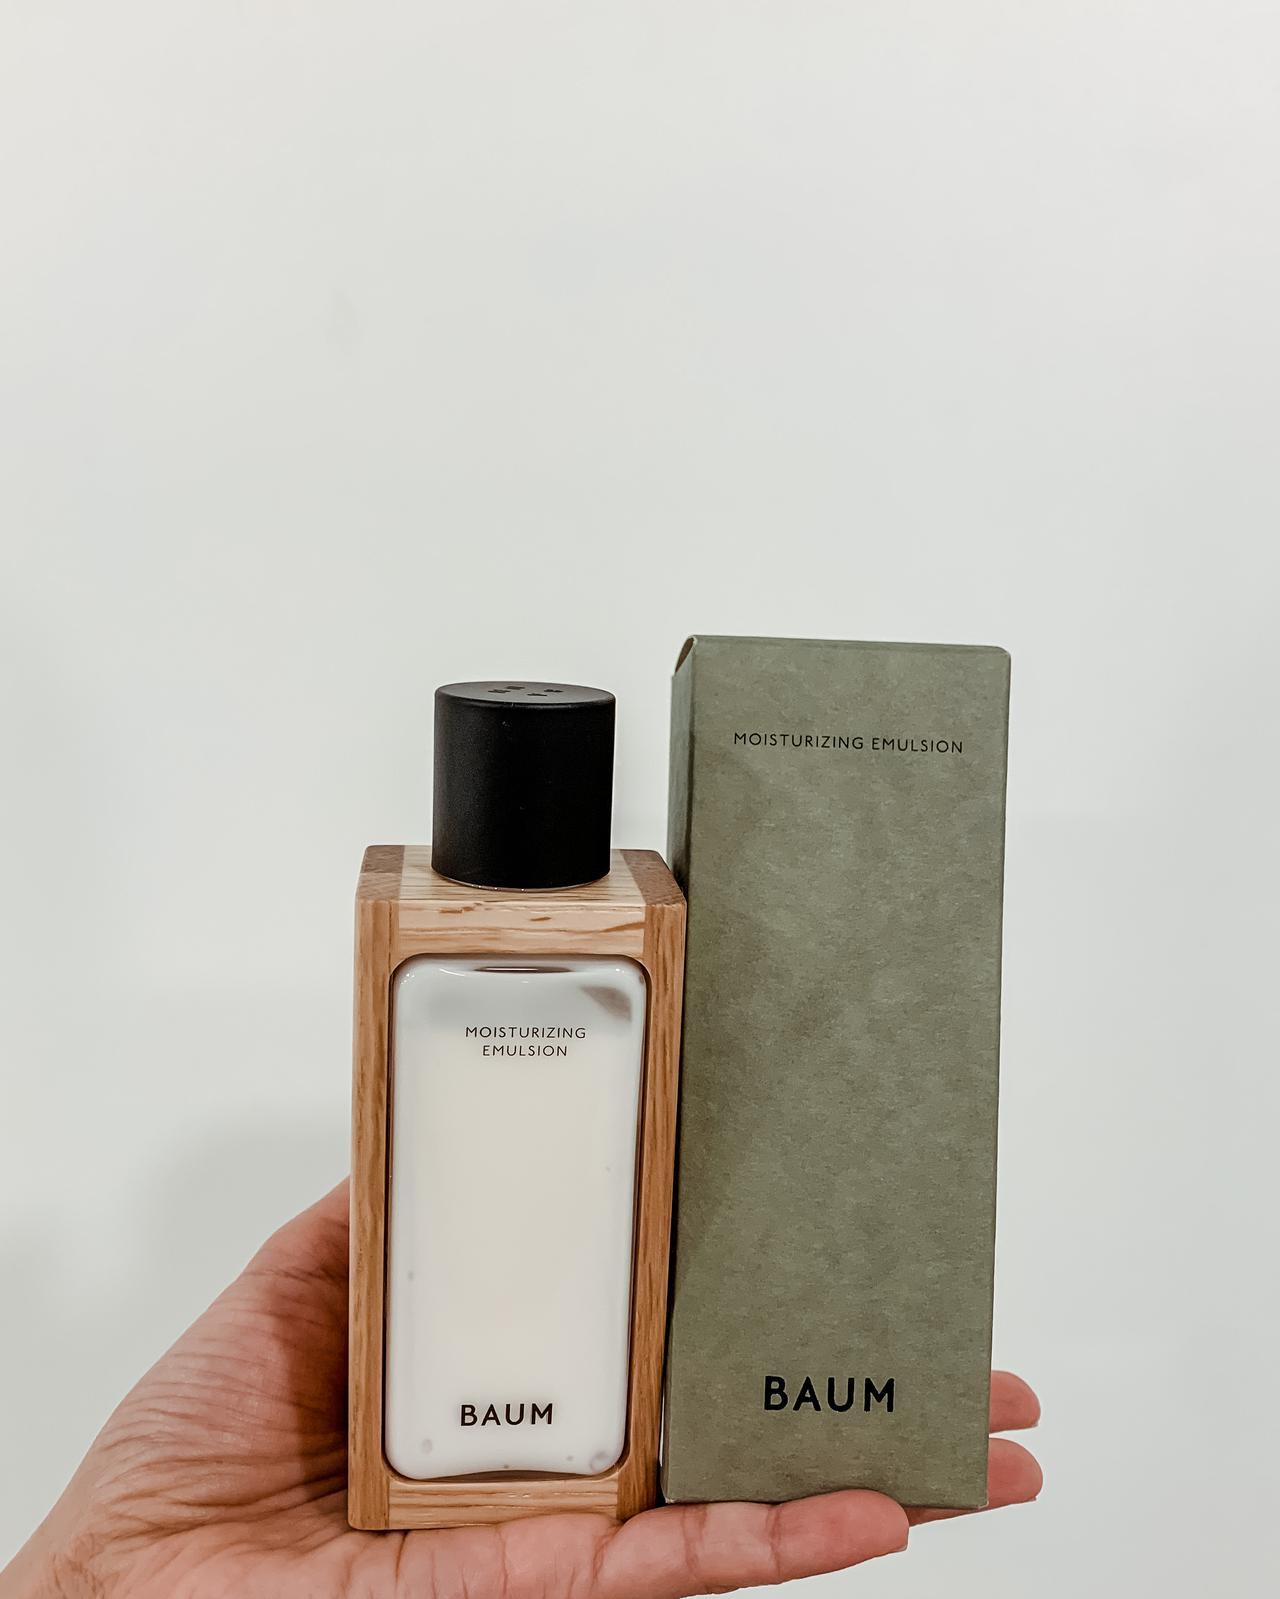 画像3: 一目見たときから心惹かれた新スキンケアブランド「BAUM」